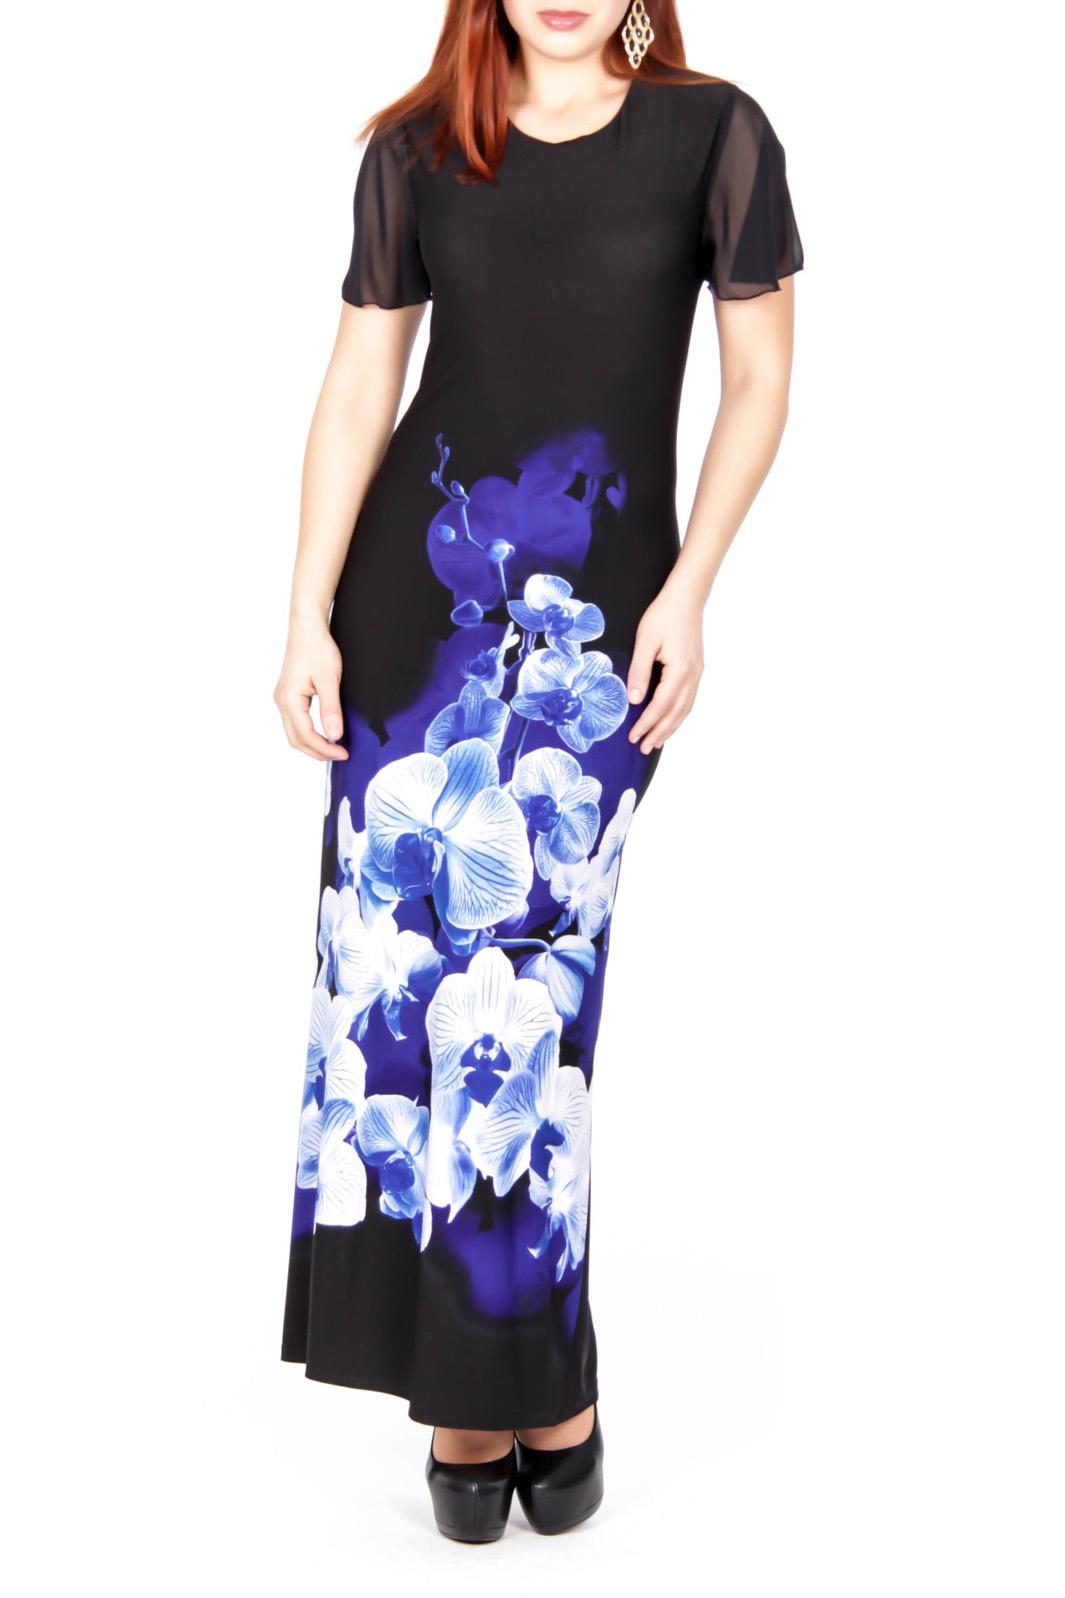 ПлатьеПлатья<br>Эффектное женское платье в пол с круглой горловиной и короткими рукавами. Модель выполнена из приятного трикотажа. Отличный выбор для любого случая.  Цвет: черный, белый, синий  Рост девушки-фотомодели 170 см.<br><br>Горловина: С- горловина<br>По длине: Макси<br>По материалу: Вискоза,Трикотаж,Шифон<br>По образу: Свидание<br>По рисунку: Растительные мотивы,Цветные,Цветочные,С принтом<br>По сезону: Весна,Всесезон,Зима,Лето,Осень<br>По силуэту: Полуприталенные<br>По стилю: Нарядный стиль,Повседневный стиль<br>По элементам: С разрезом<br>Рукав: Короткий рукав<br>Разрез: Короткий<br>Размер : 44<br>Материал: Холодное масло + Шифон<br>Количество в наличии: 1